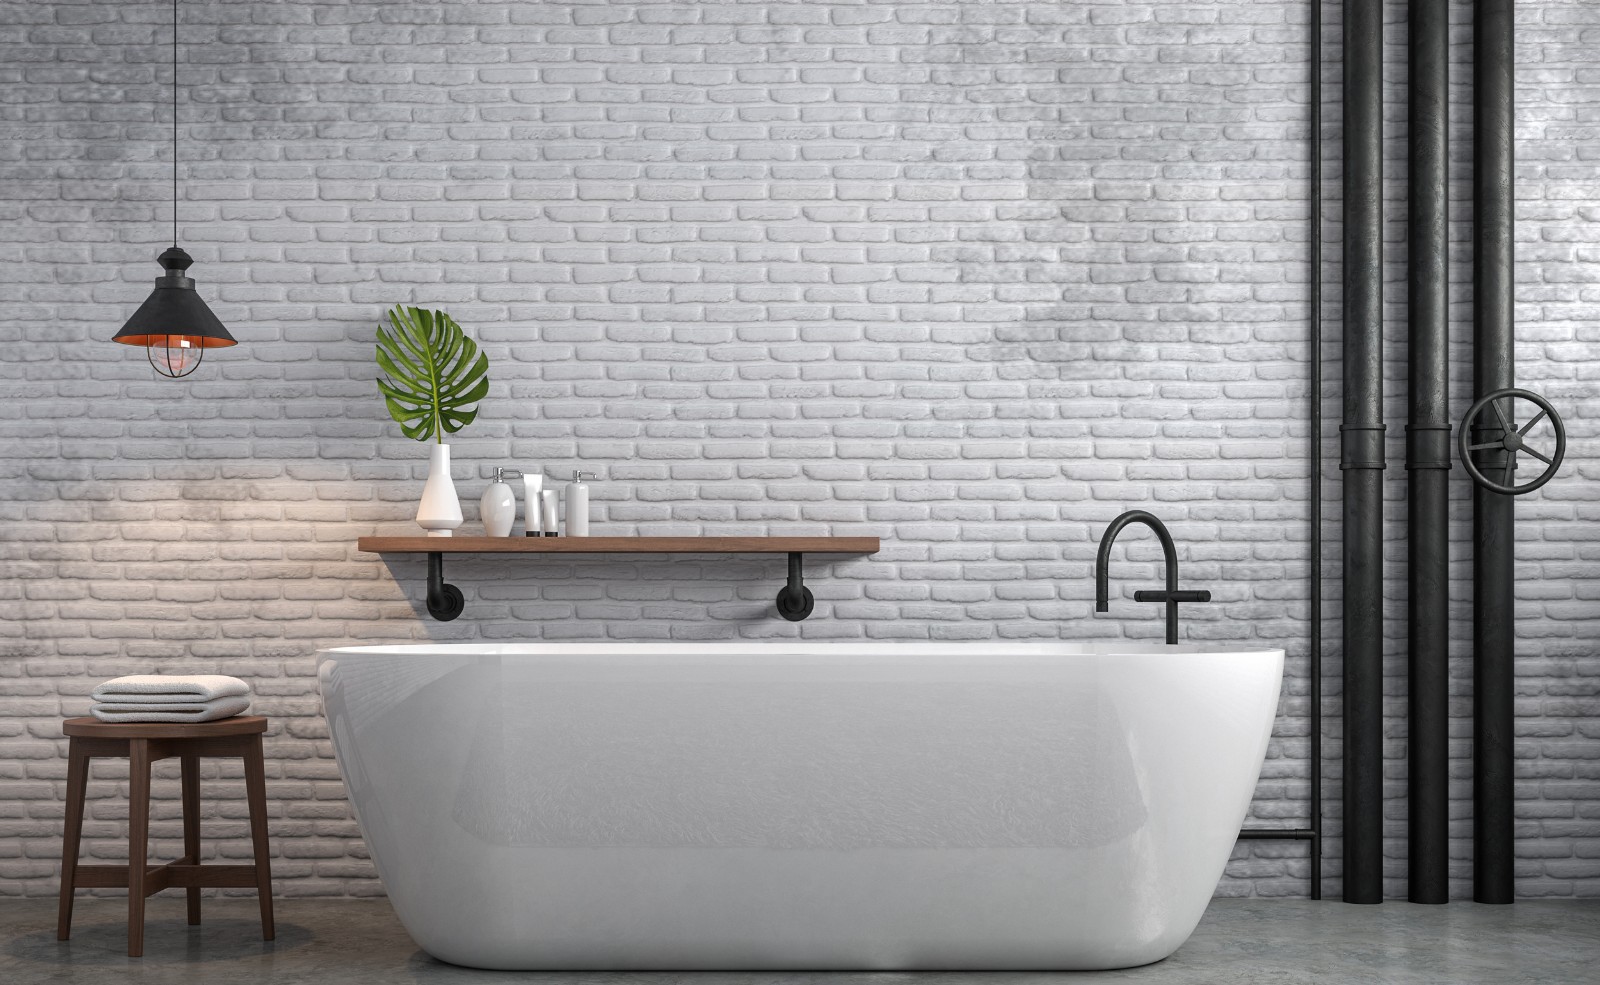 Feuchte Wände im Bad - Was tun?